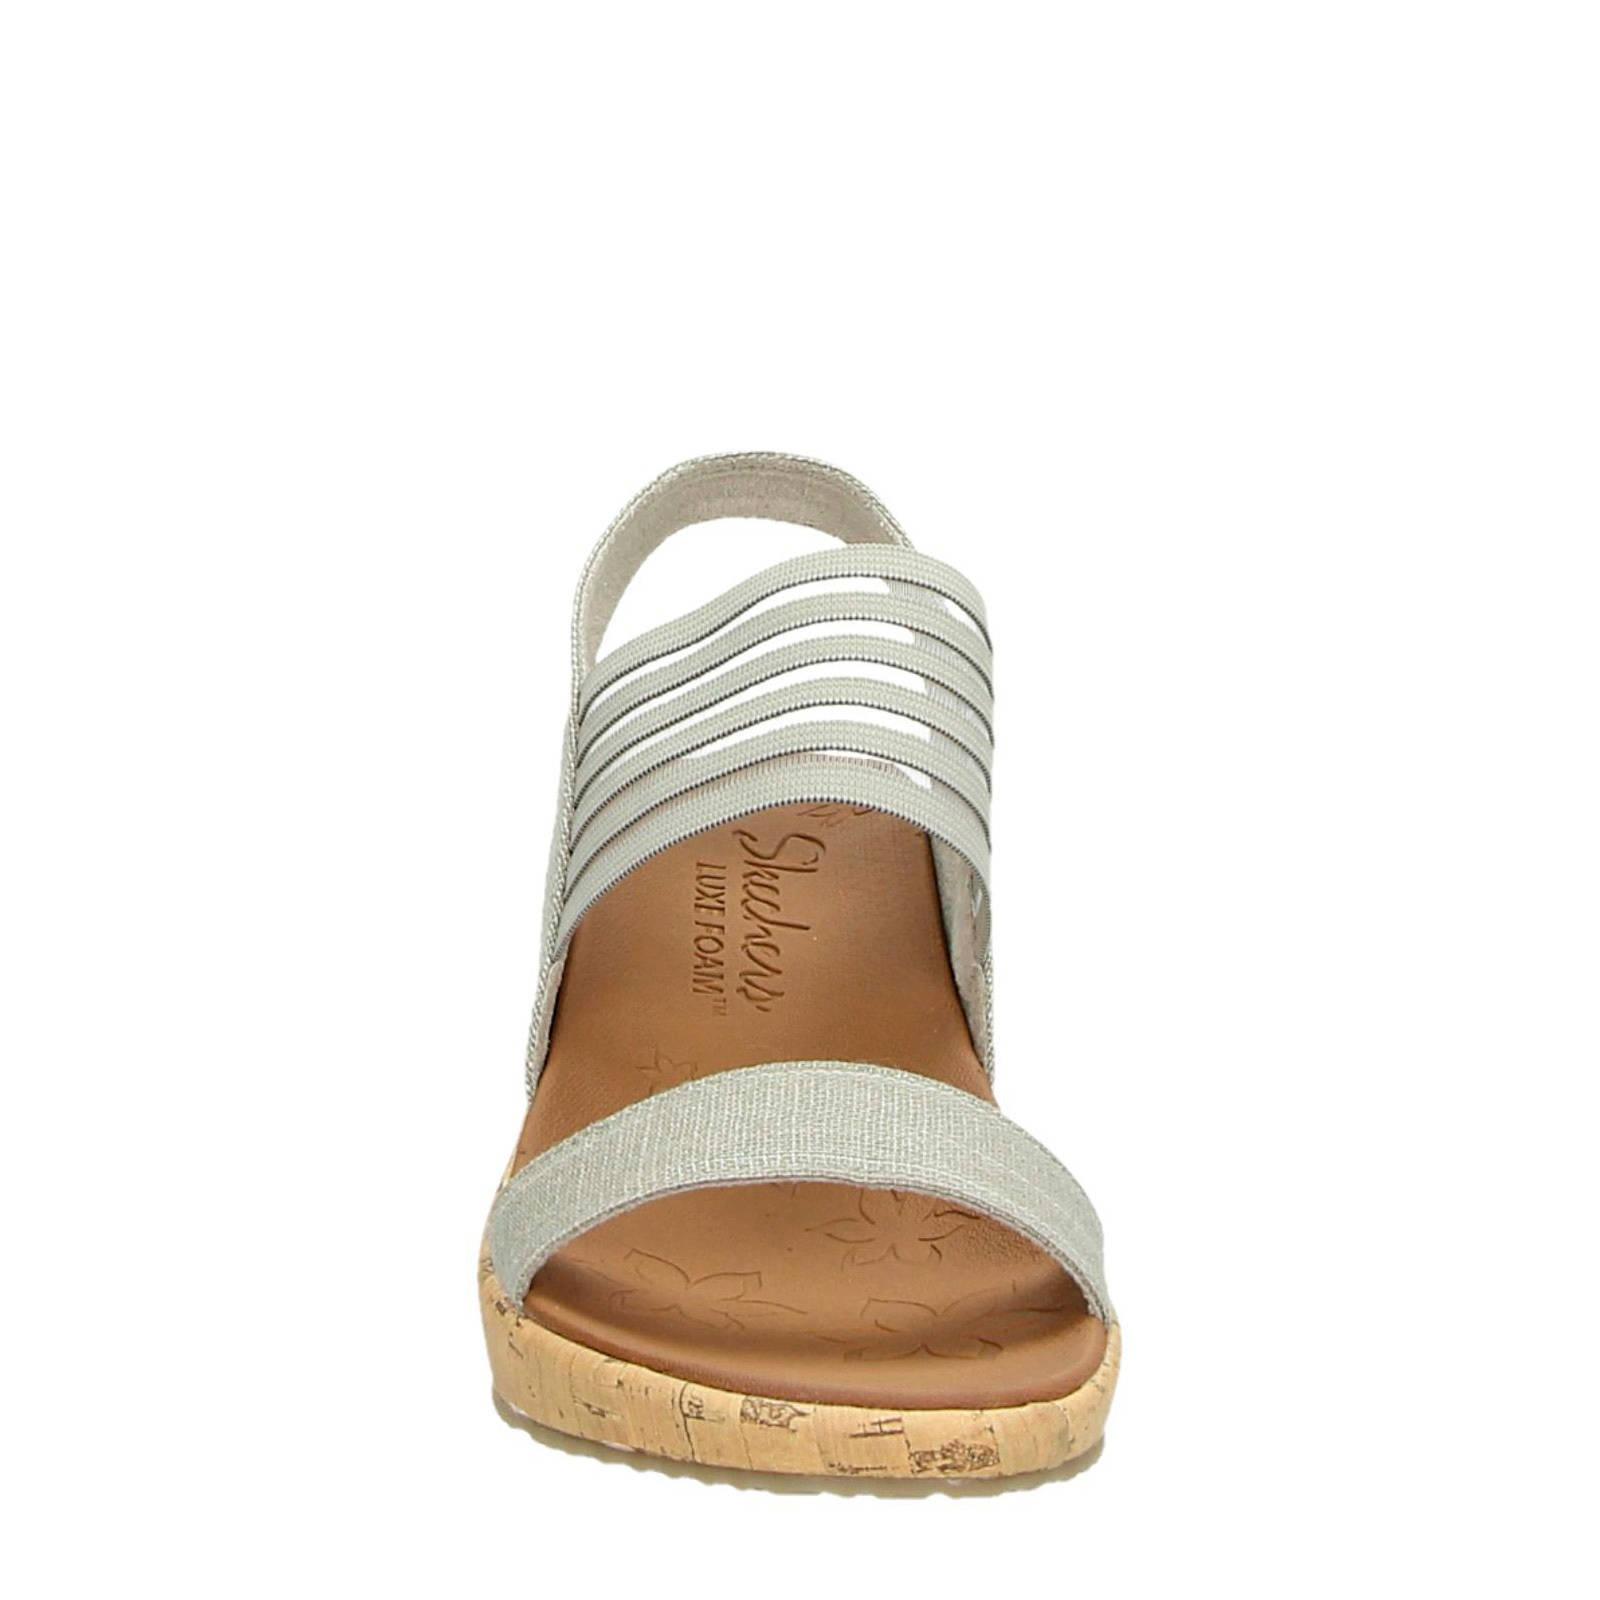 Skechers Luxe Foam sandalettes | wehkamp